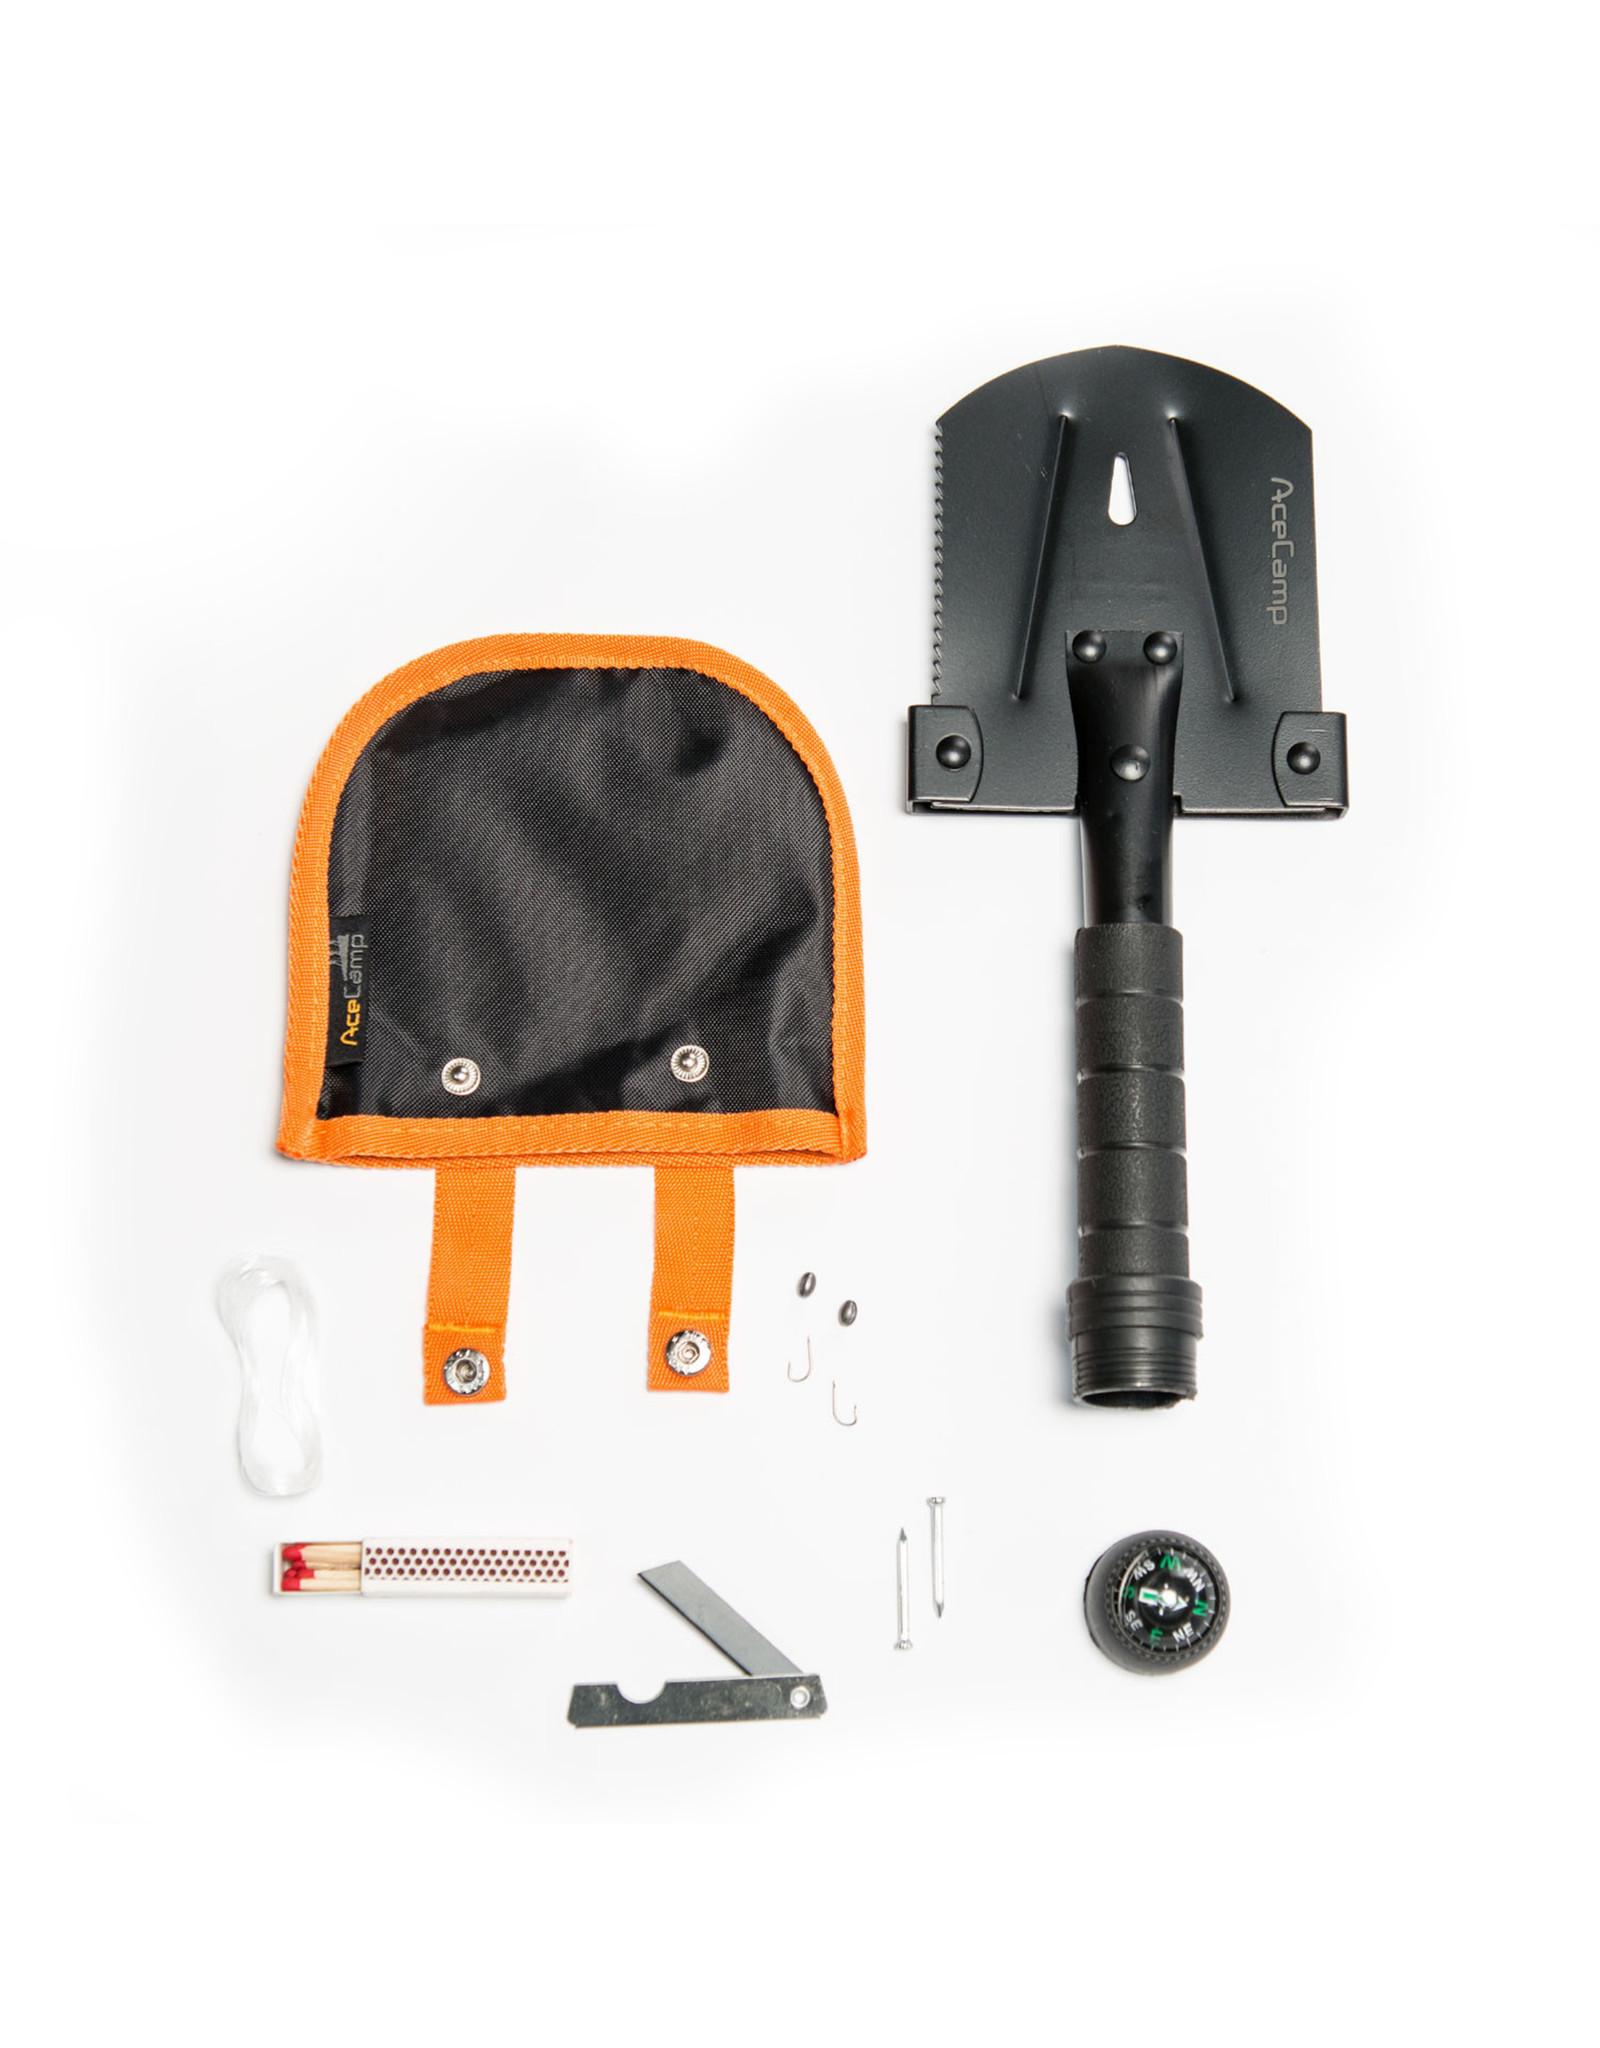 Ace Camp Survivor Multi-tool Shovel